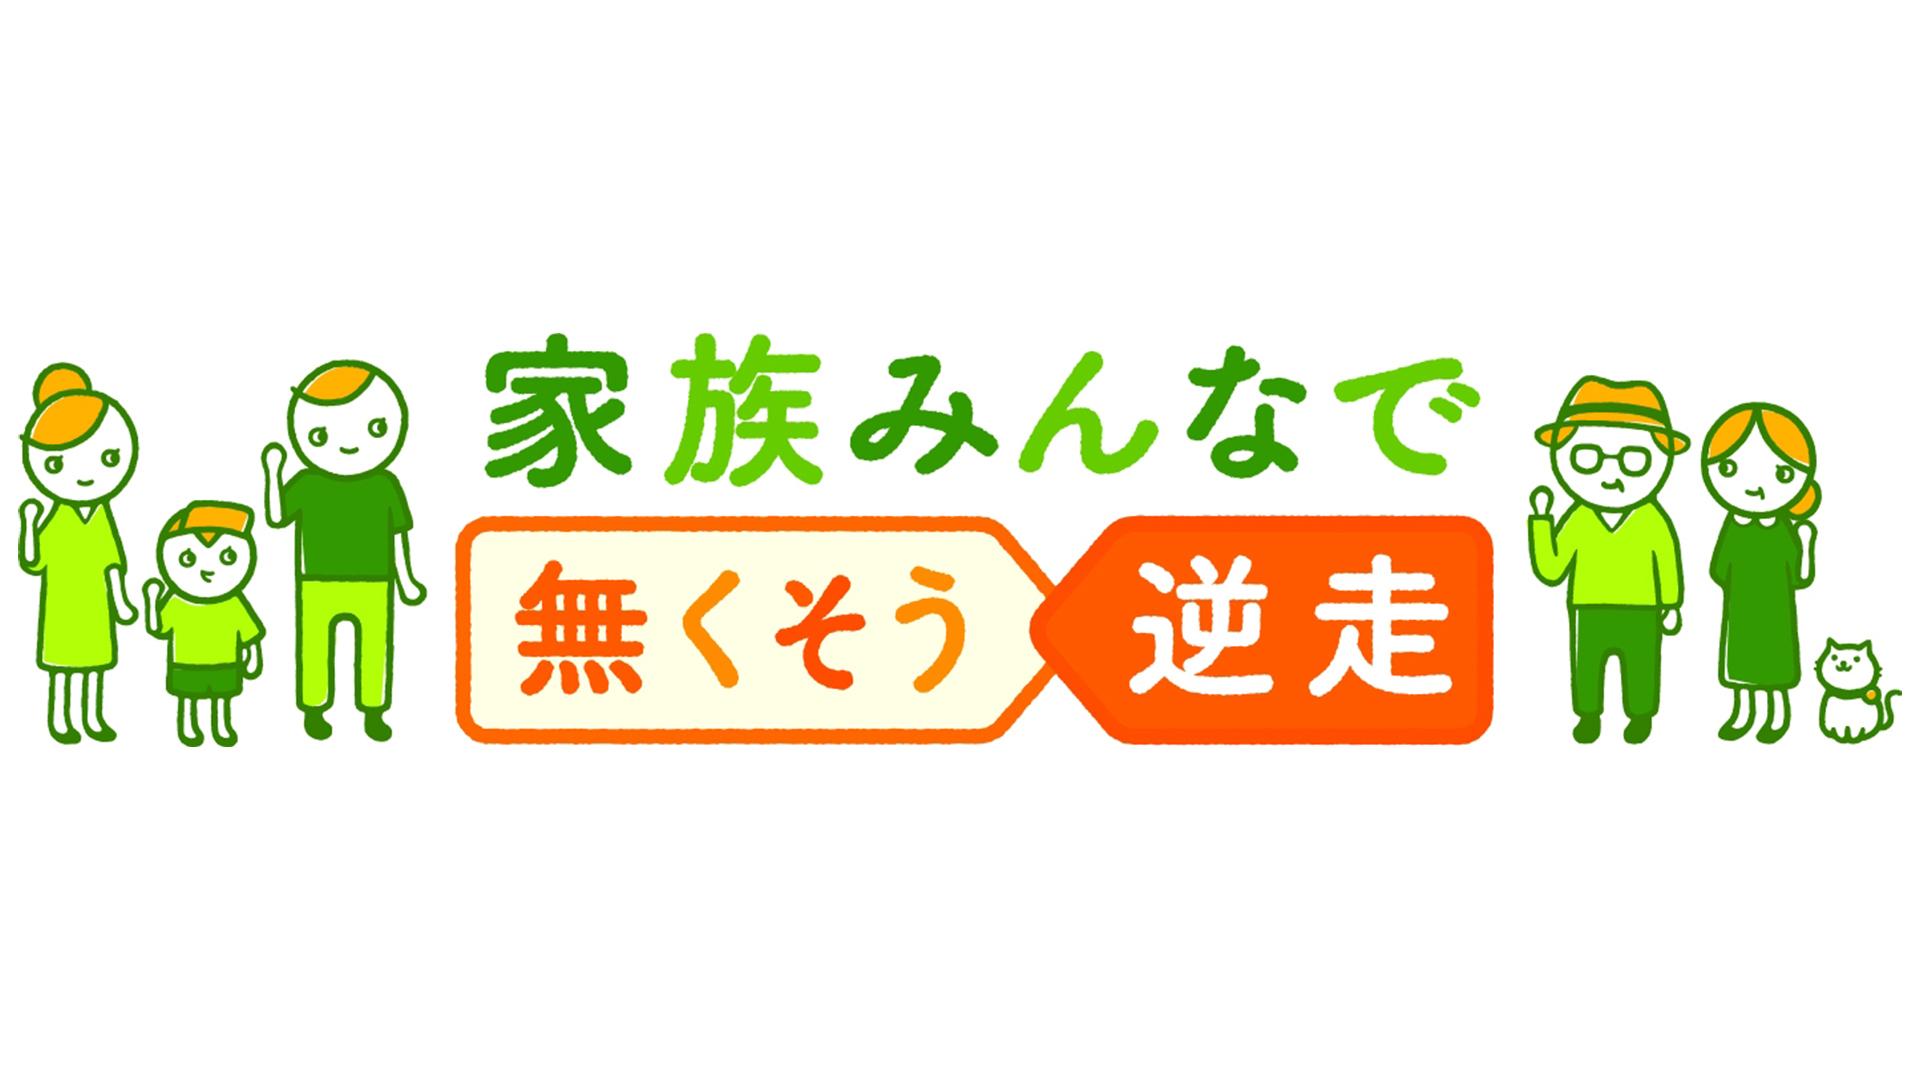 「家族みんなで 無くそう逆走」NEXCO東日本、逆走・車の安全運転に関する「三世代」調査結果を発表、祖父母世代「車の運転への自信」、半年間で5ポイント減少